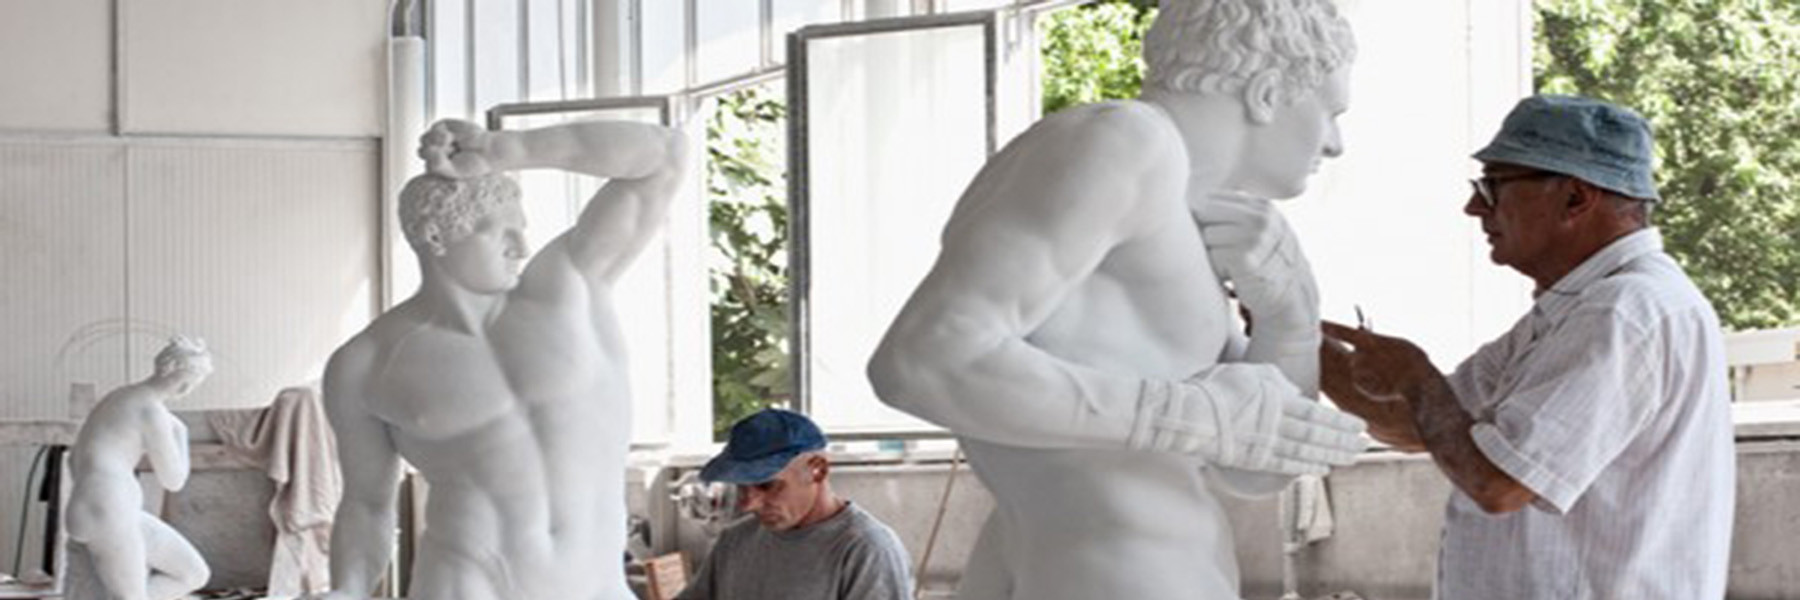 Weltzentrum der Bildhauerei -Pietrasanta an der toskanischen Riviera